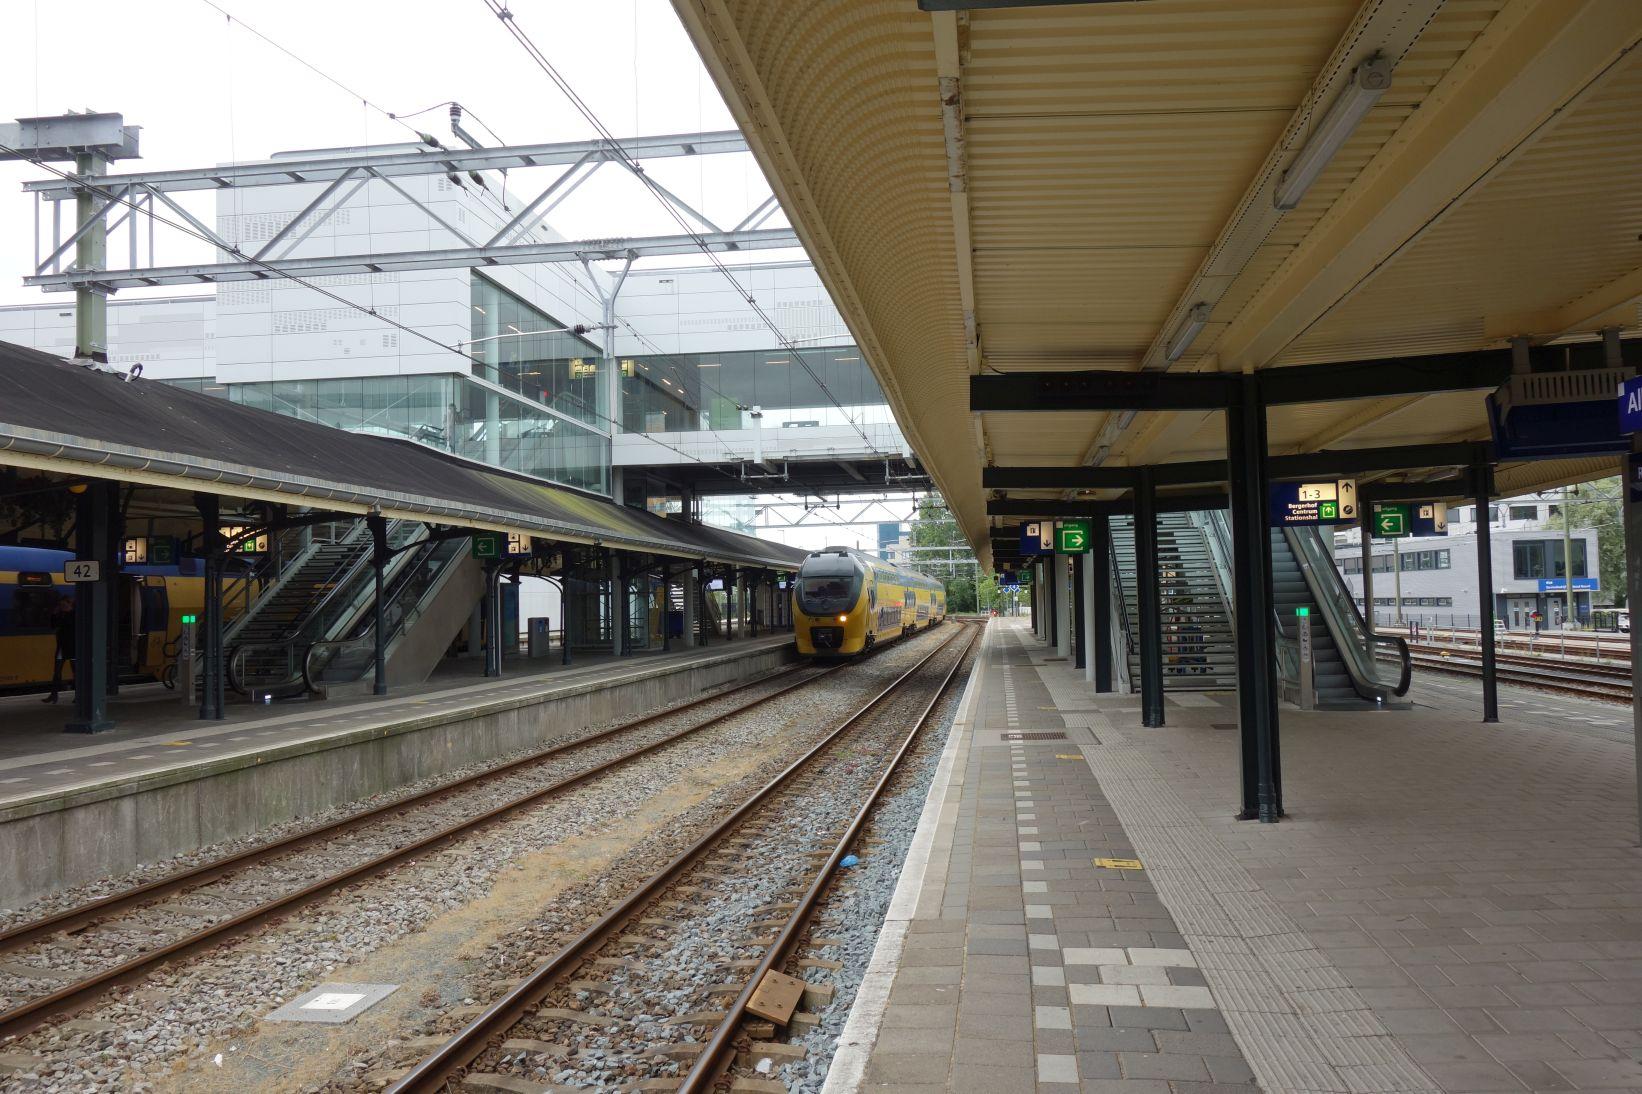 BahnhofAlkmaarBahnsteige